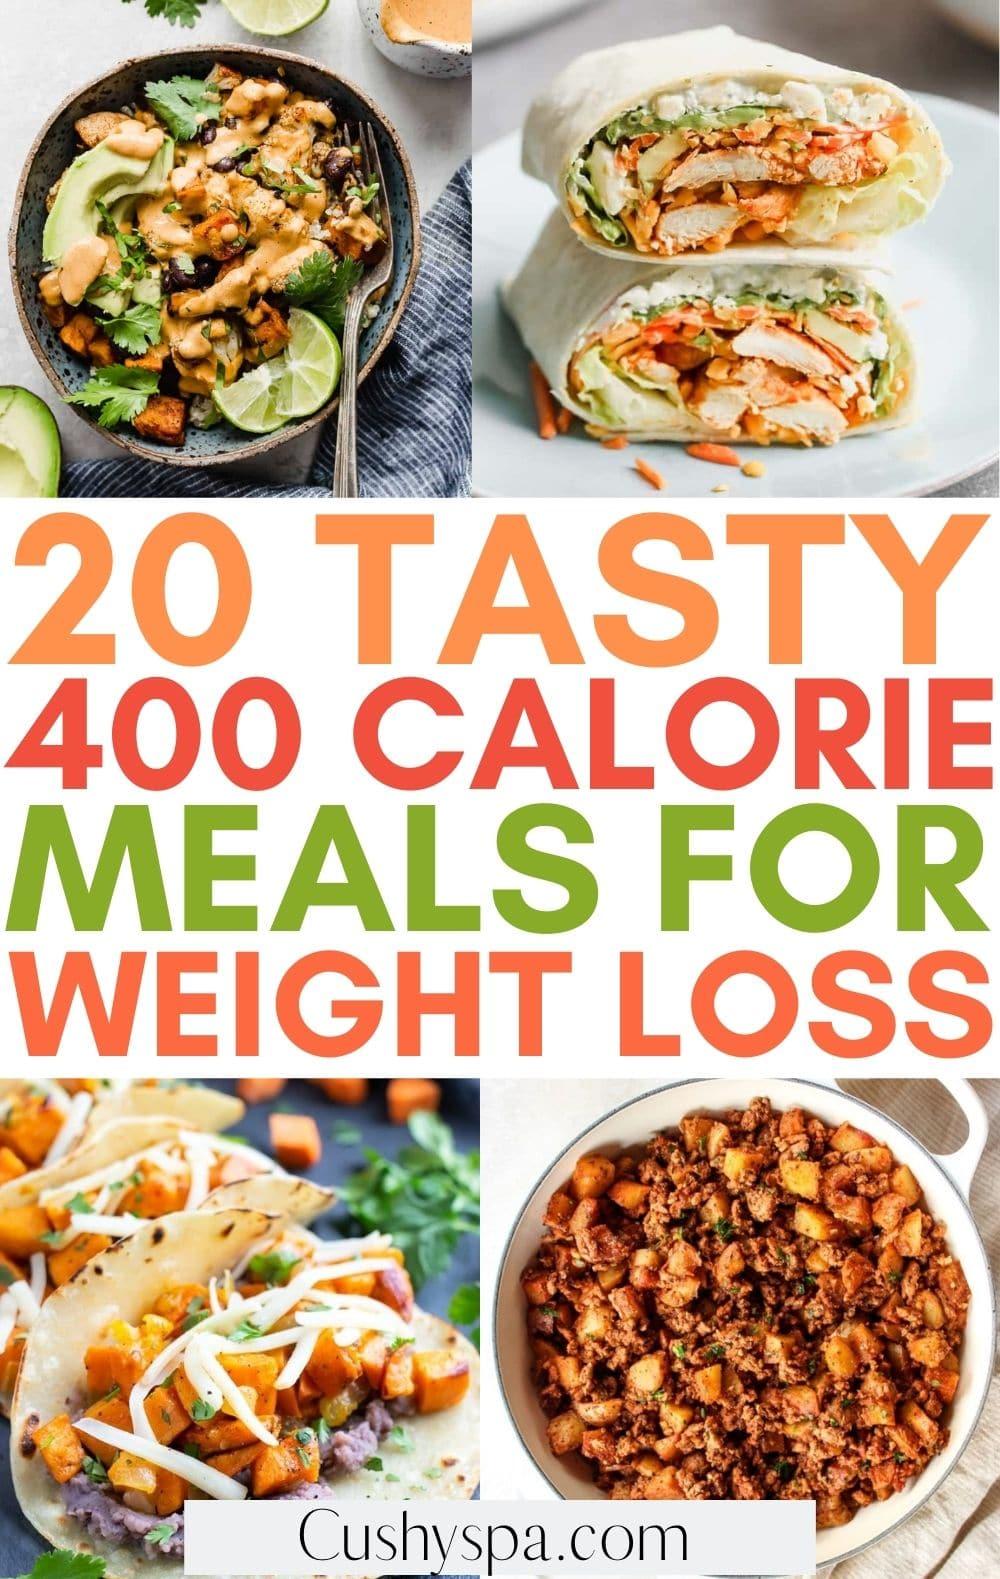 400 calorie meals